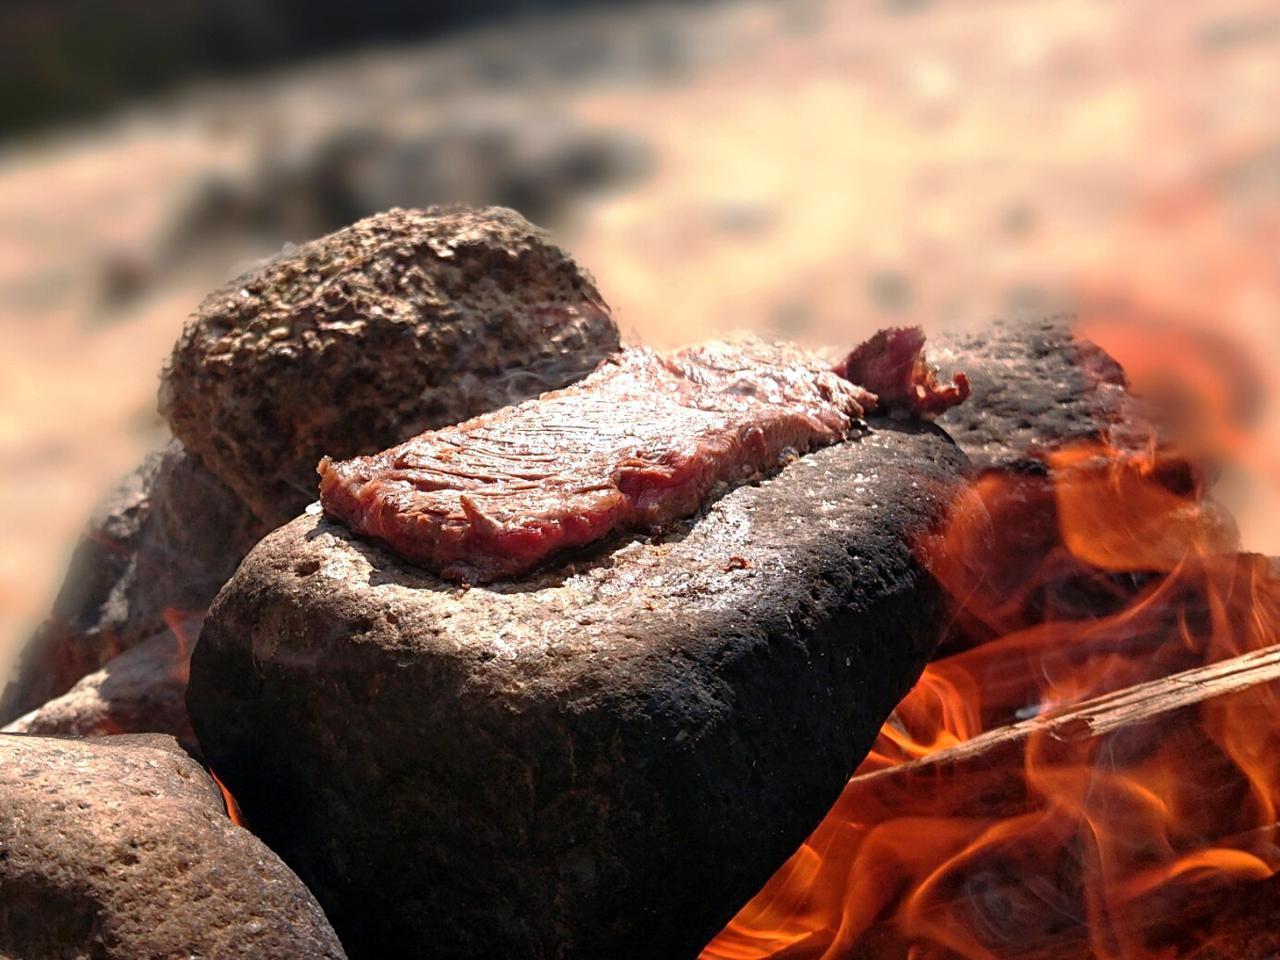 画像: 【無骨キャンプの神髄】石焼きステーキで他では味わえないワイルドなステーキを味わおう! - ハピキャン(HAPPY CAMPER)